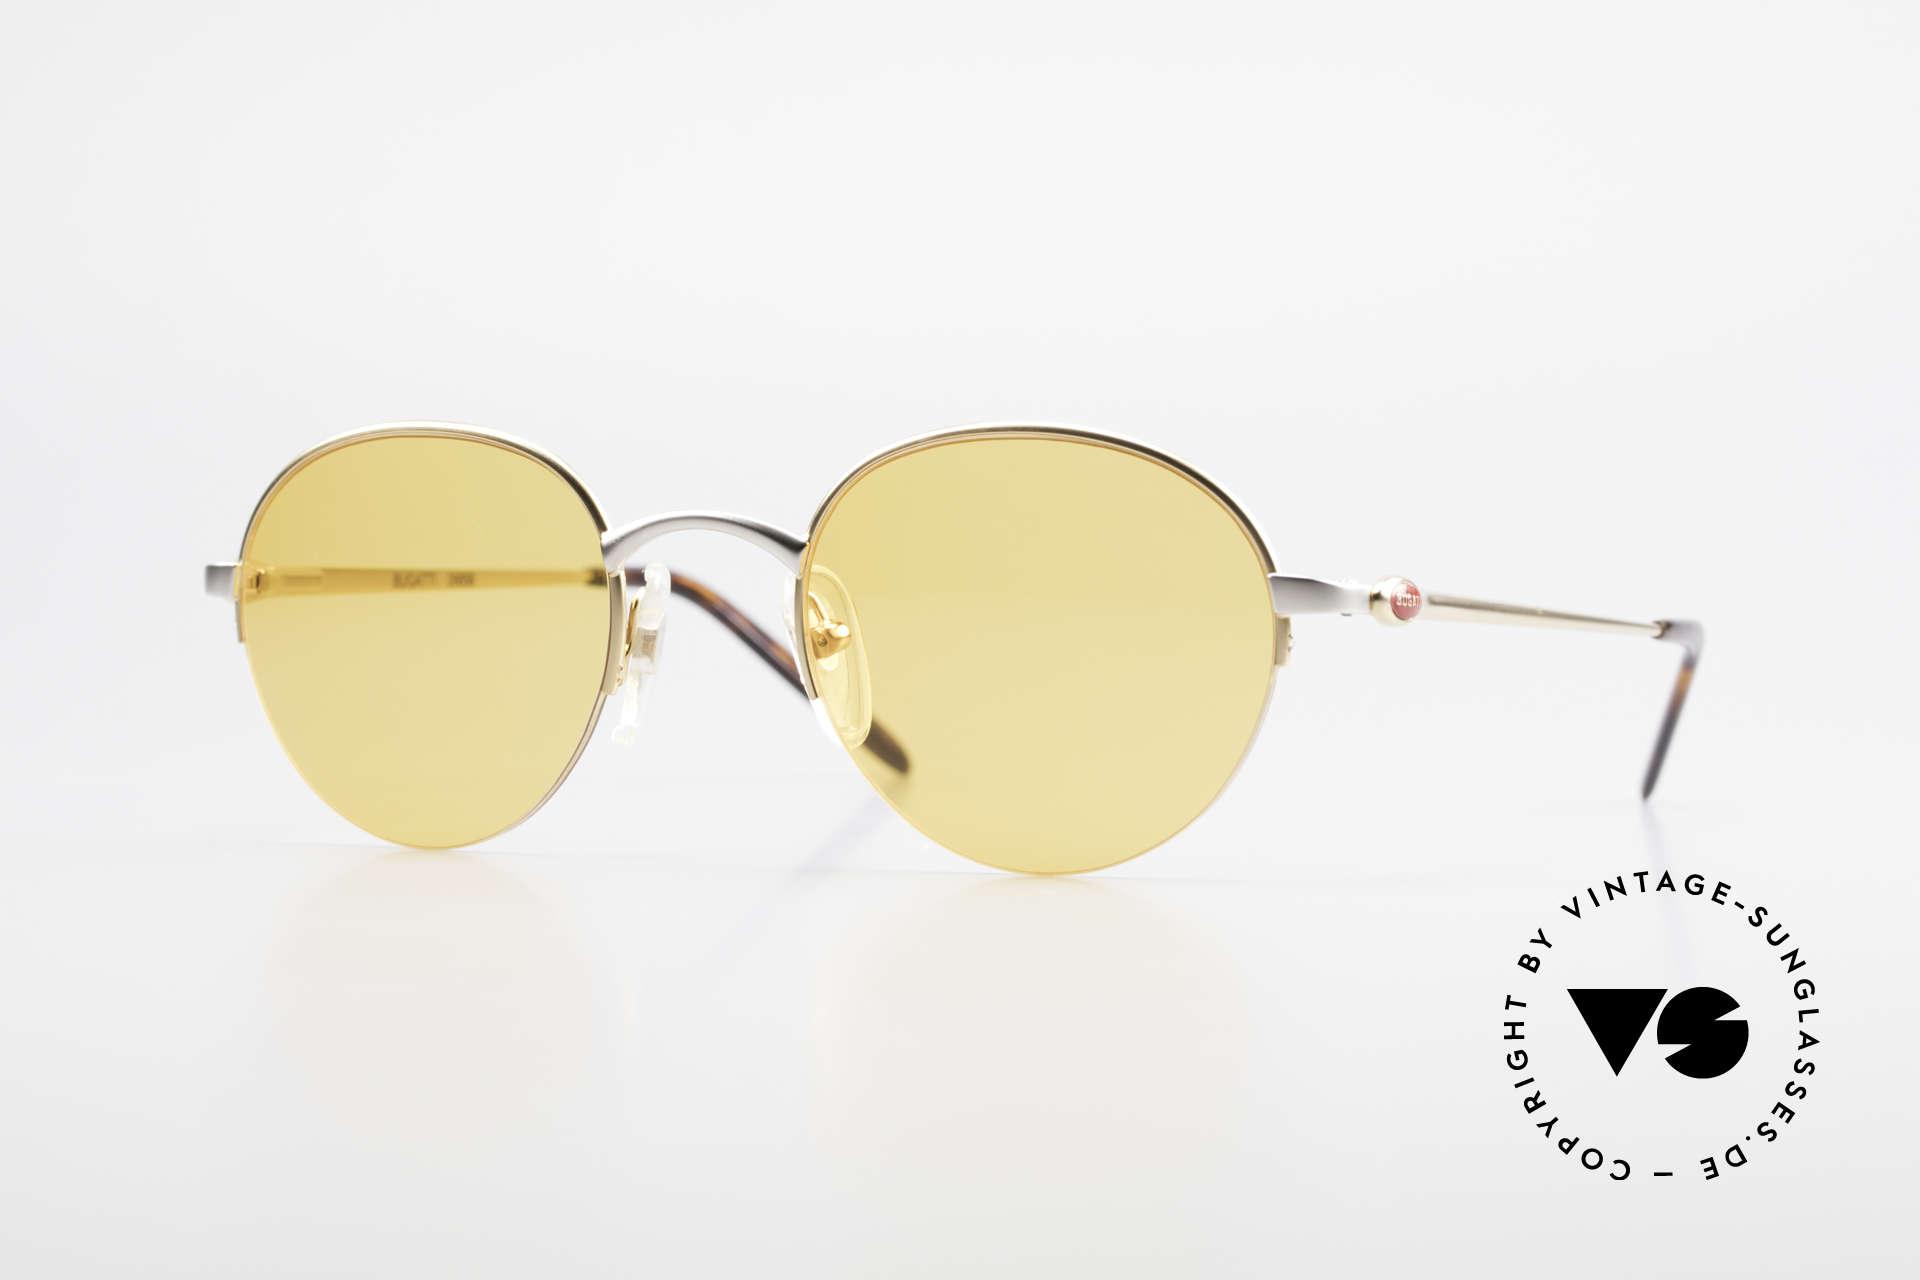 Bugatti 26658 90s Panto Designer Sunglasses, ultra rare Panto designer sunglasses in size 49/21, Made for Men